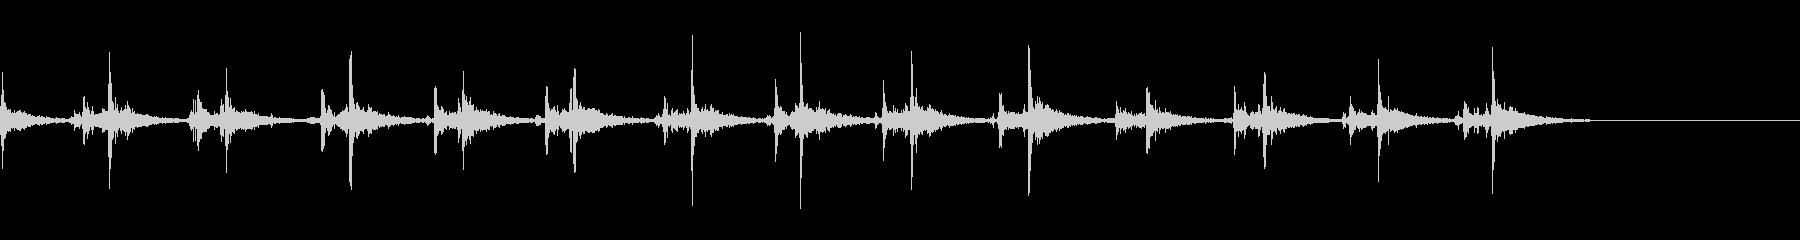 リバーブをかけた神楽鈴(小)を振る音の未再生の波形